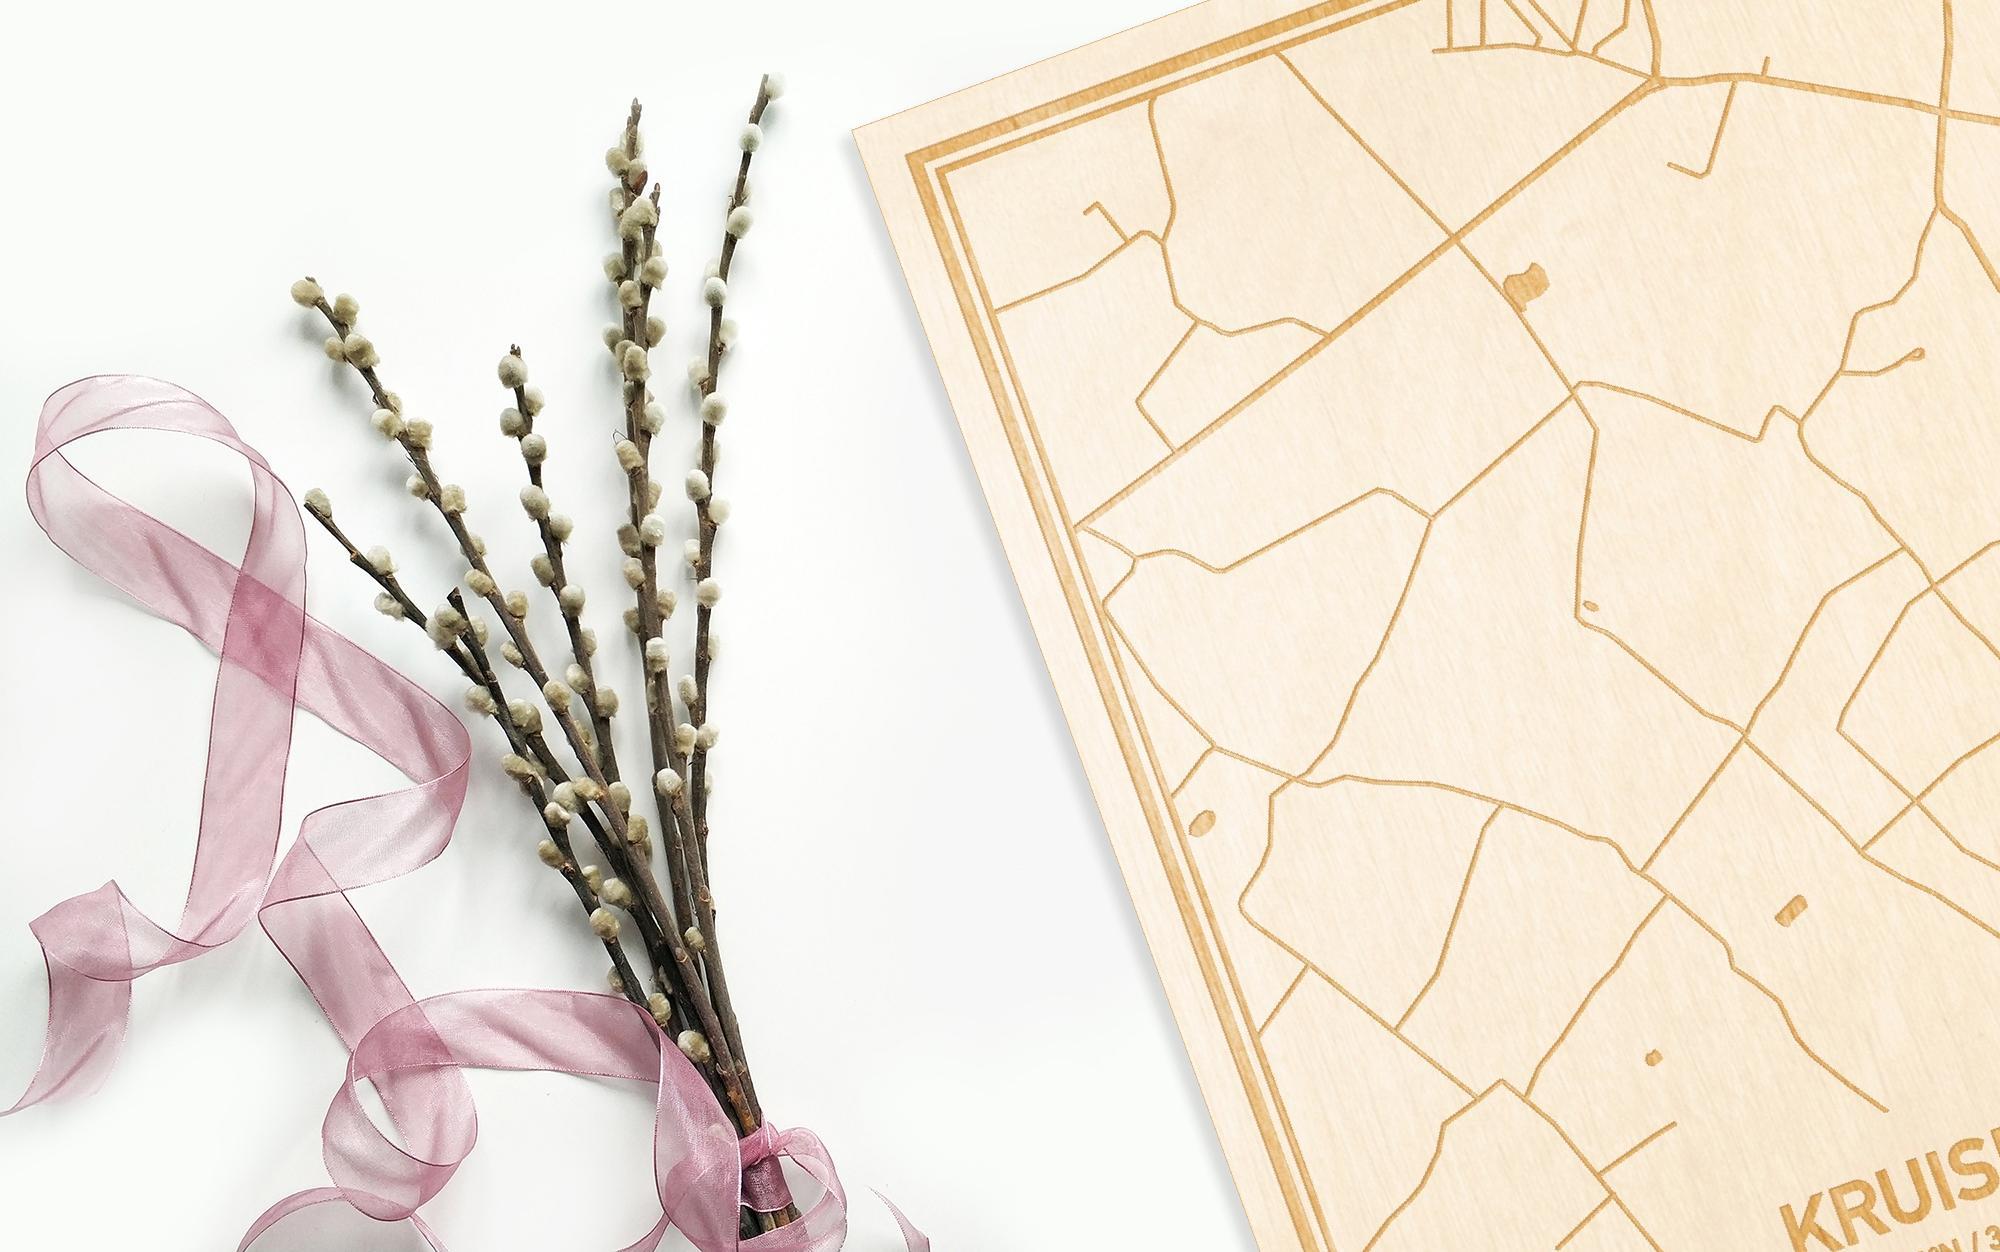 Hier ligt de houten plattegrond Kruisem naast een bloemetje als gepersonaliseerd cadeau voor haar.